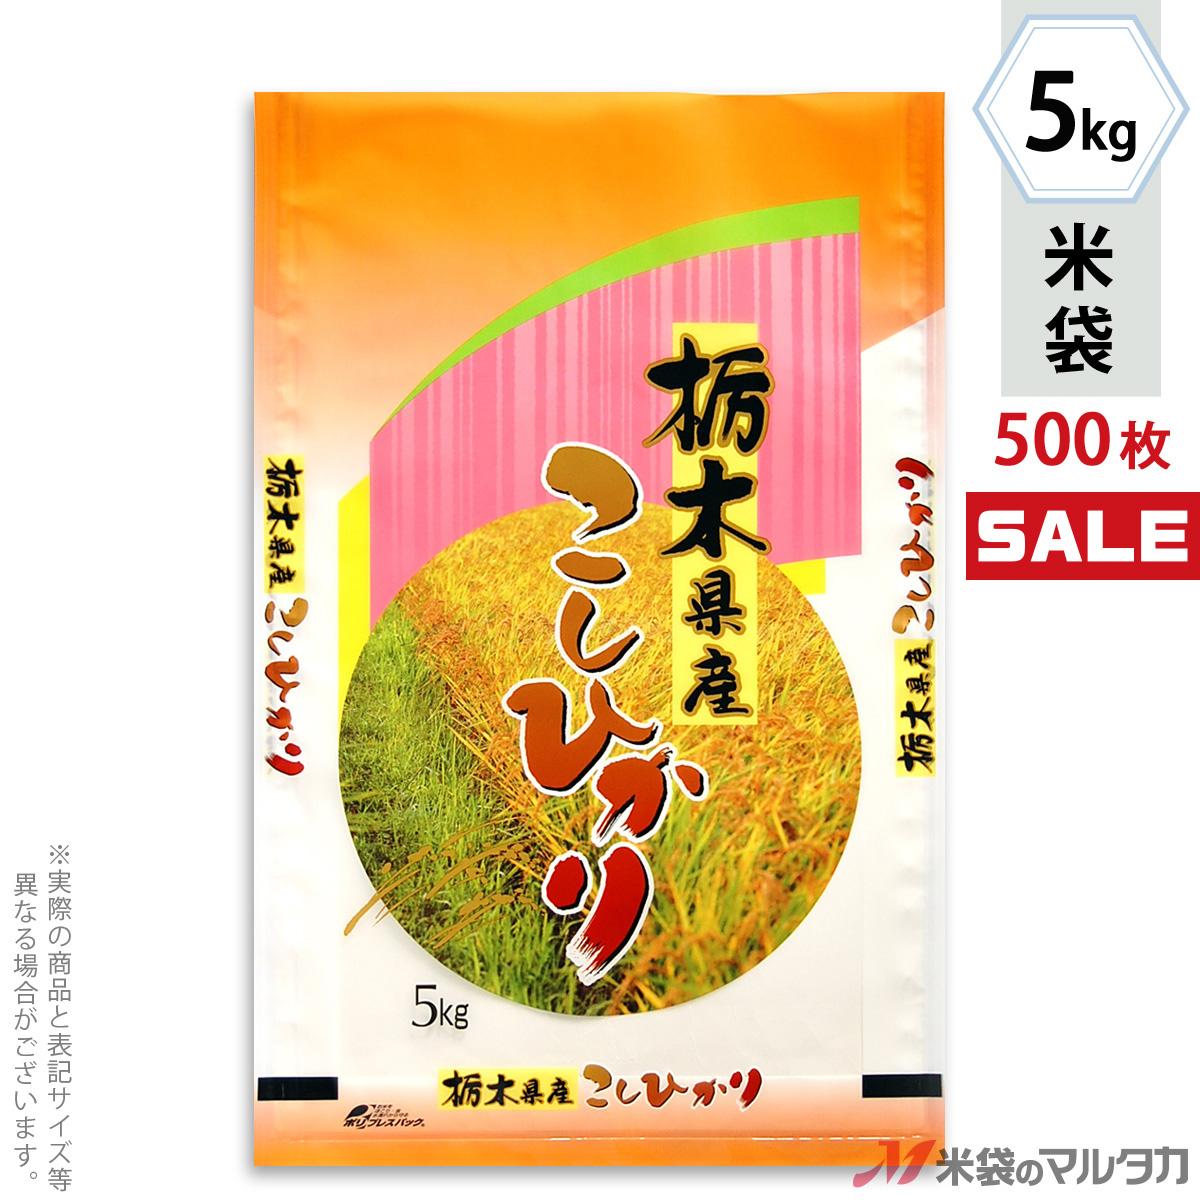 <キャンペーン対応>米袋 ポリポリ ネオブレス 栃木産こしひかり 彩光 5kg 1ケース(500枚入) MP-5217